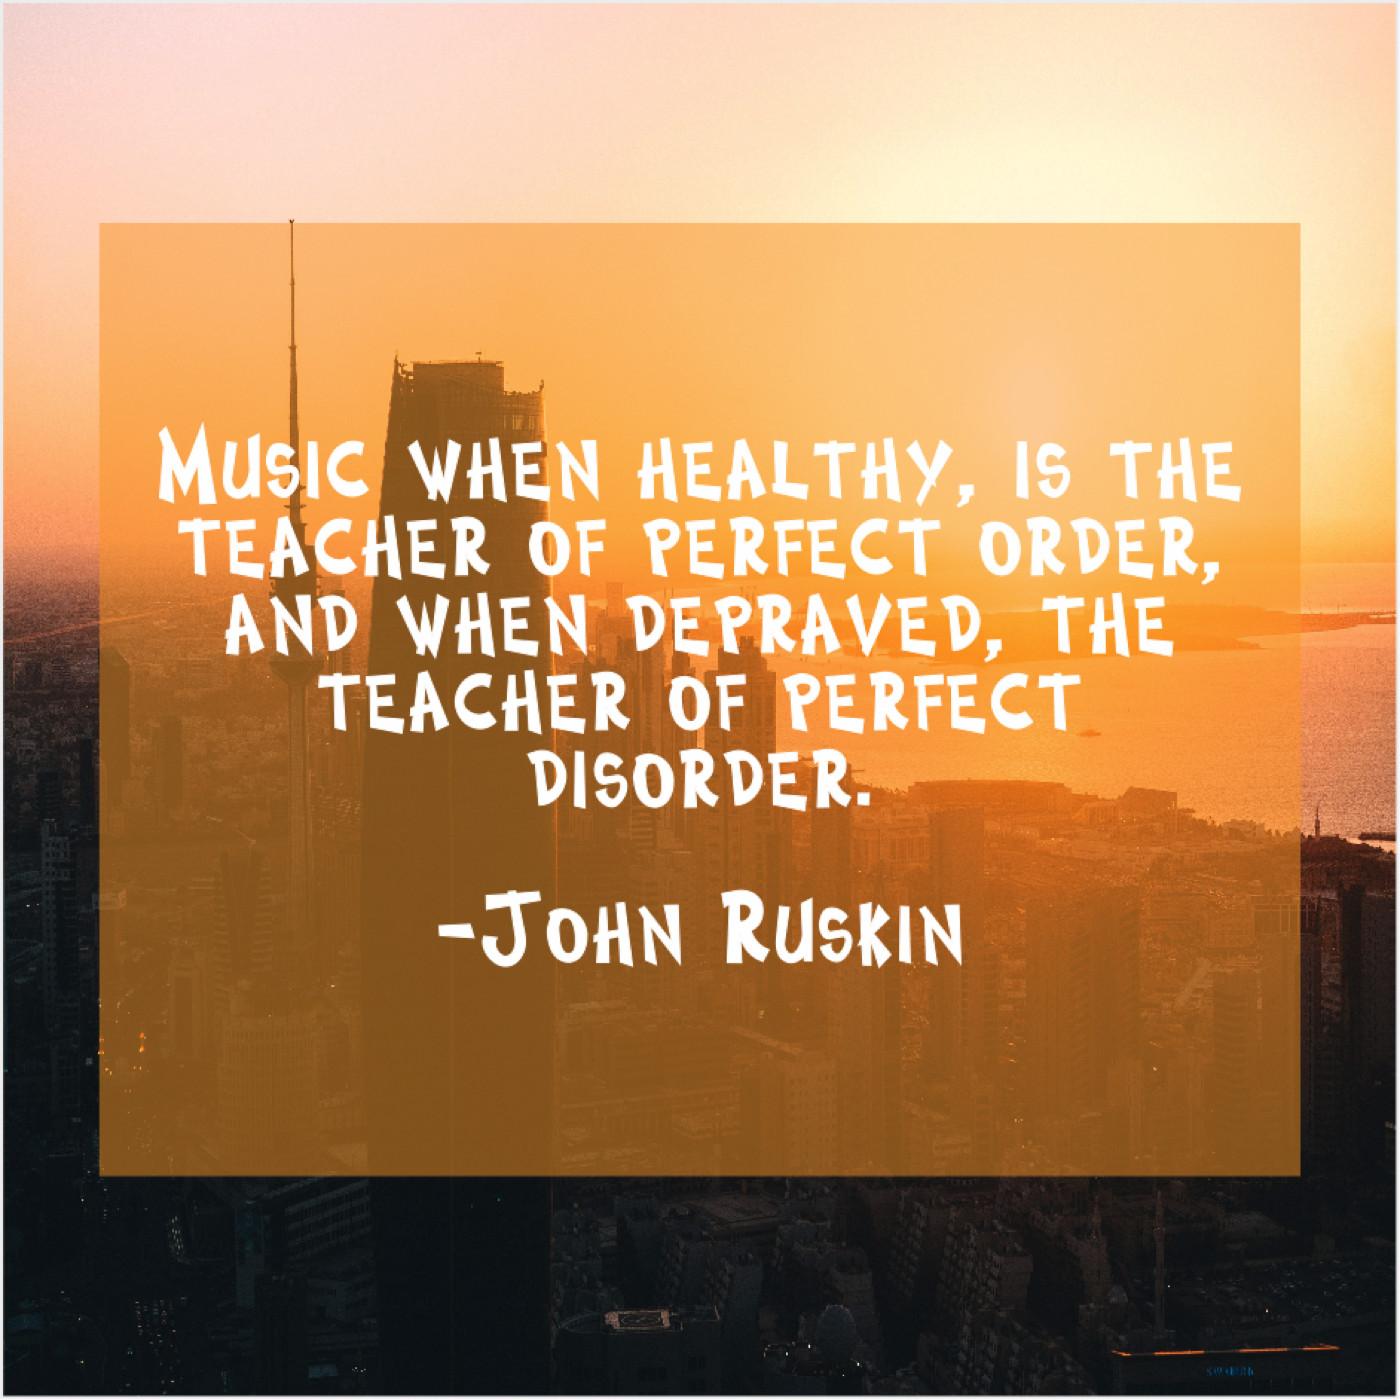 Ruskin on music